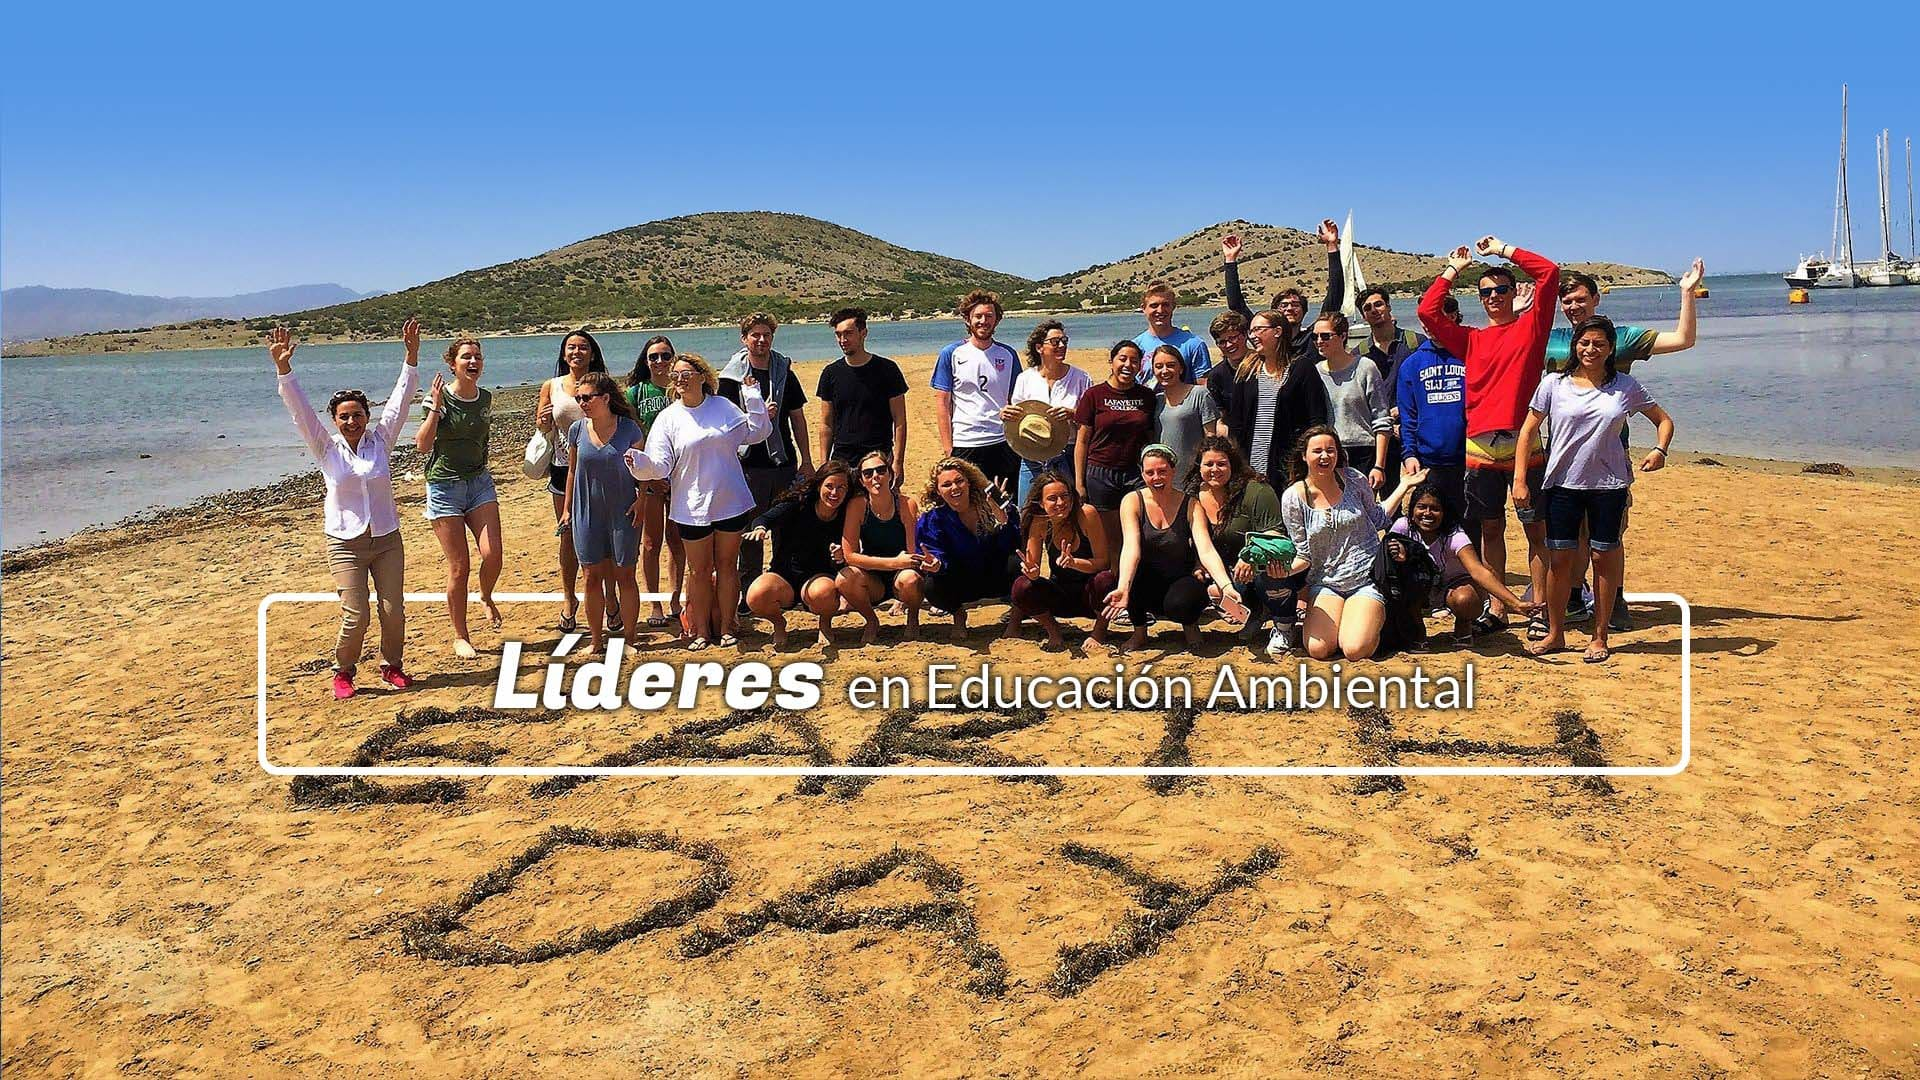 lideres-en-educacion-ambiental